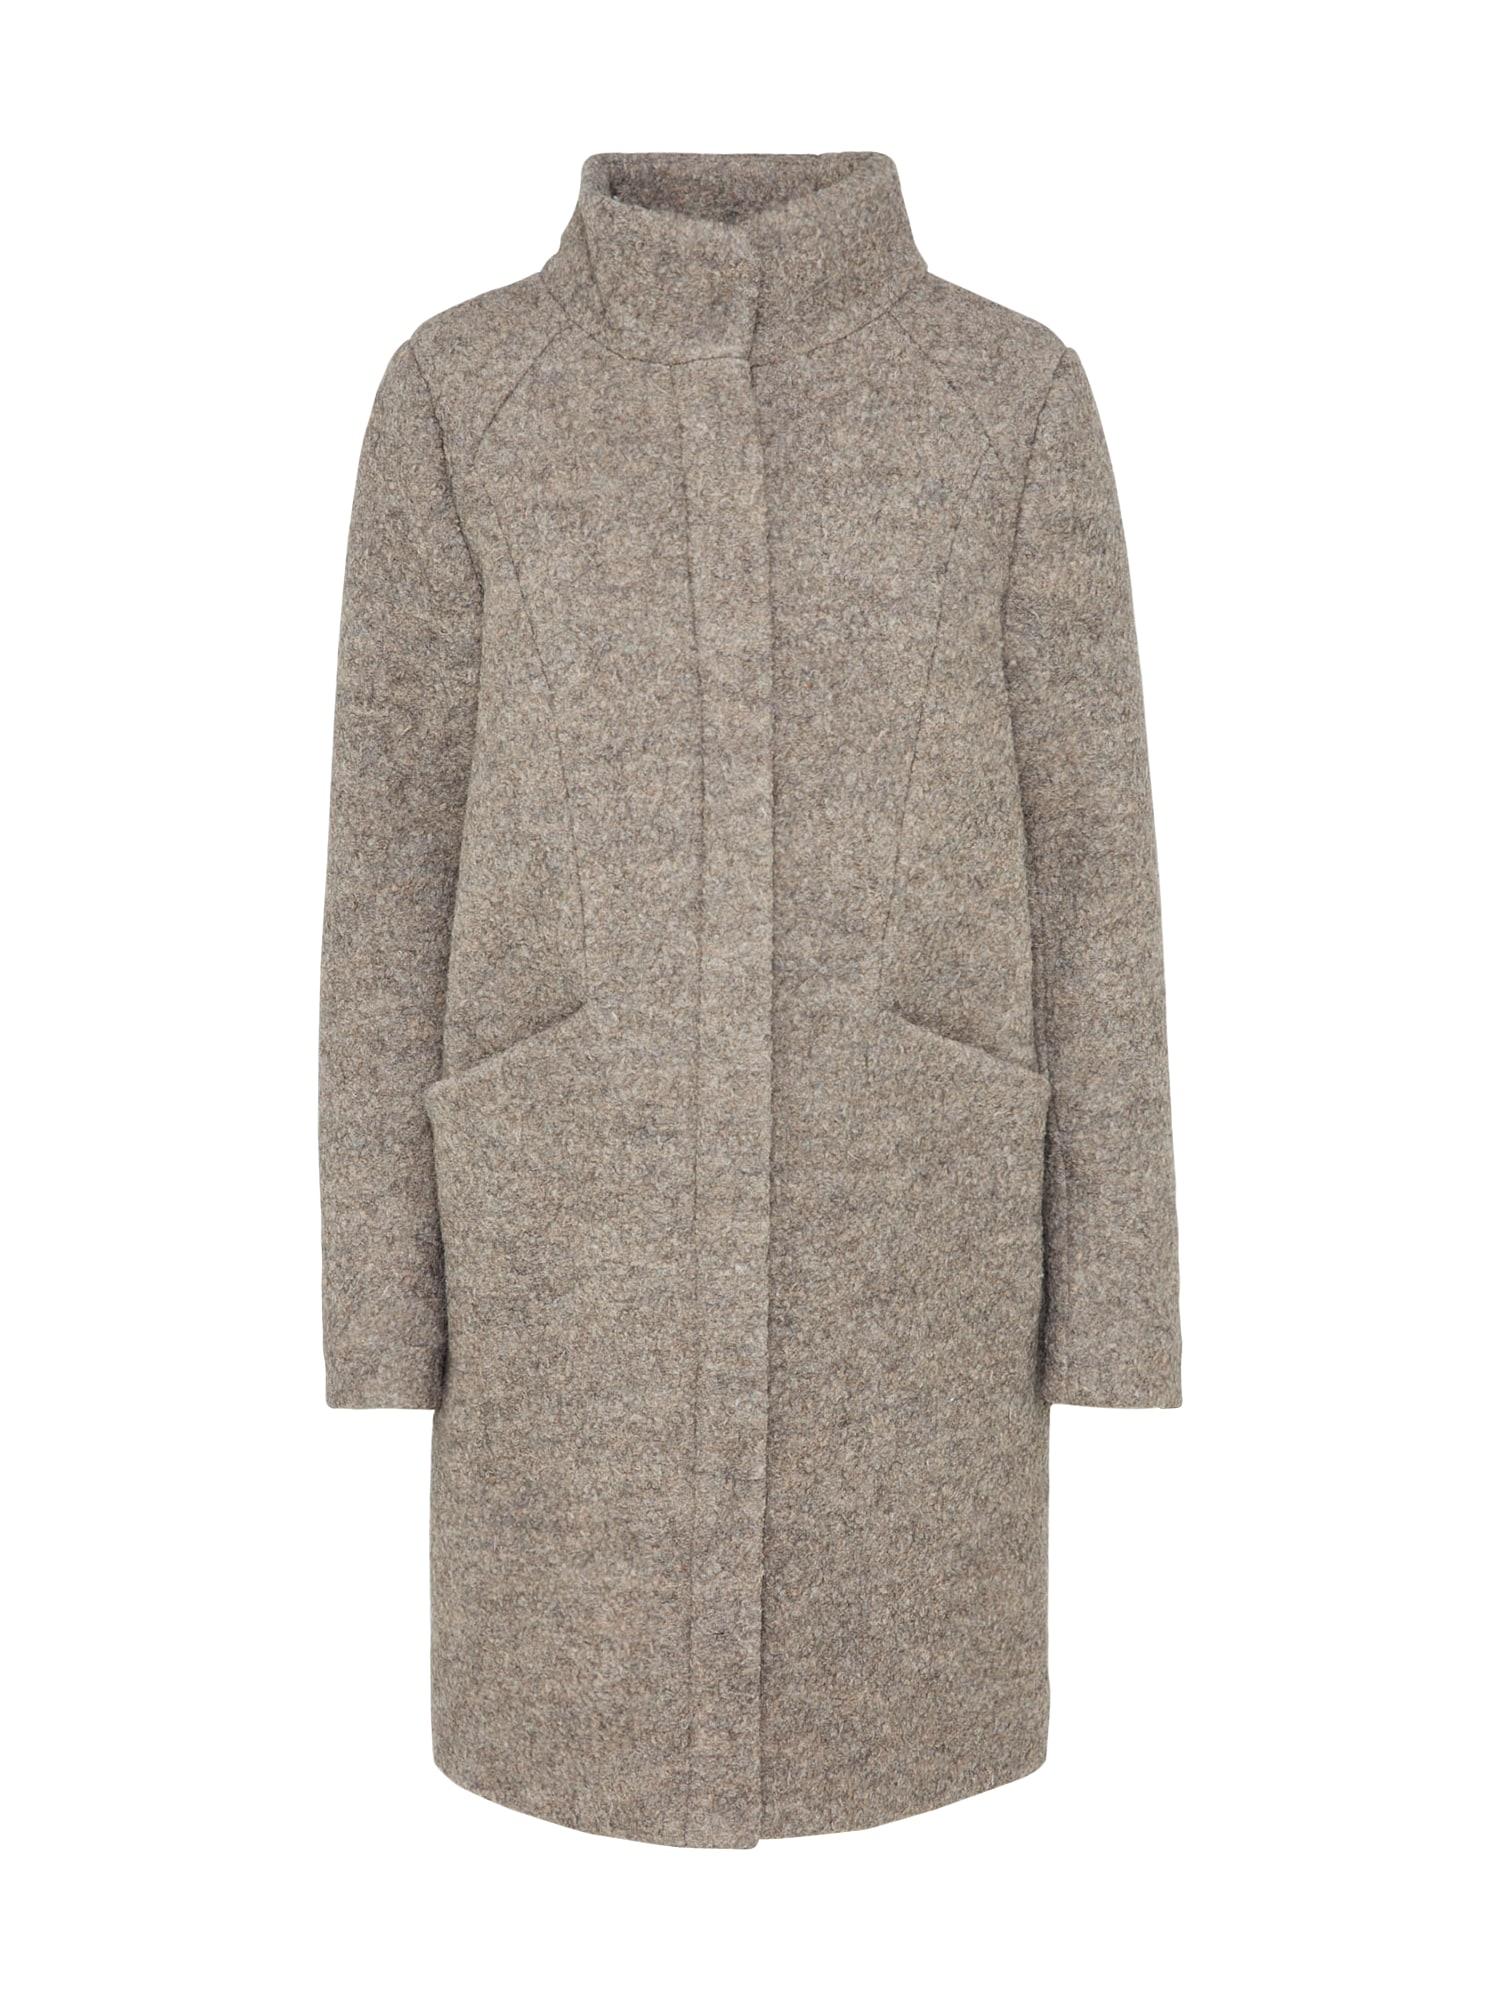 Zimní kabát Unip Ja šedý melír ICHI